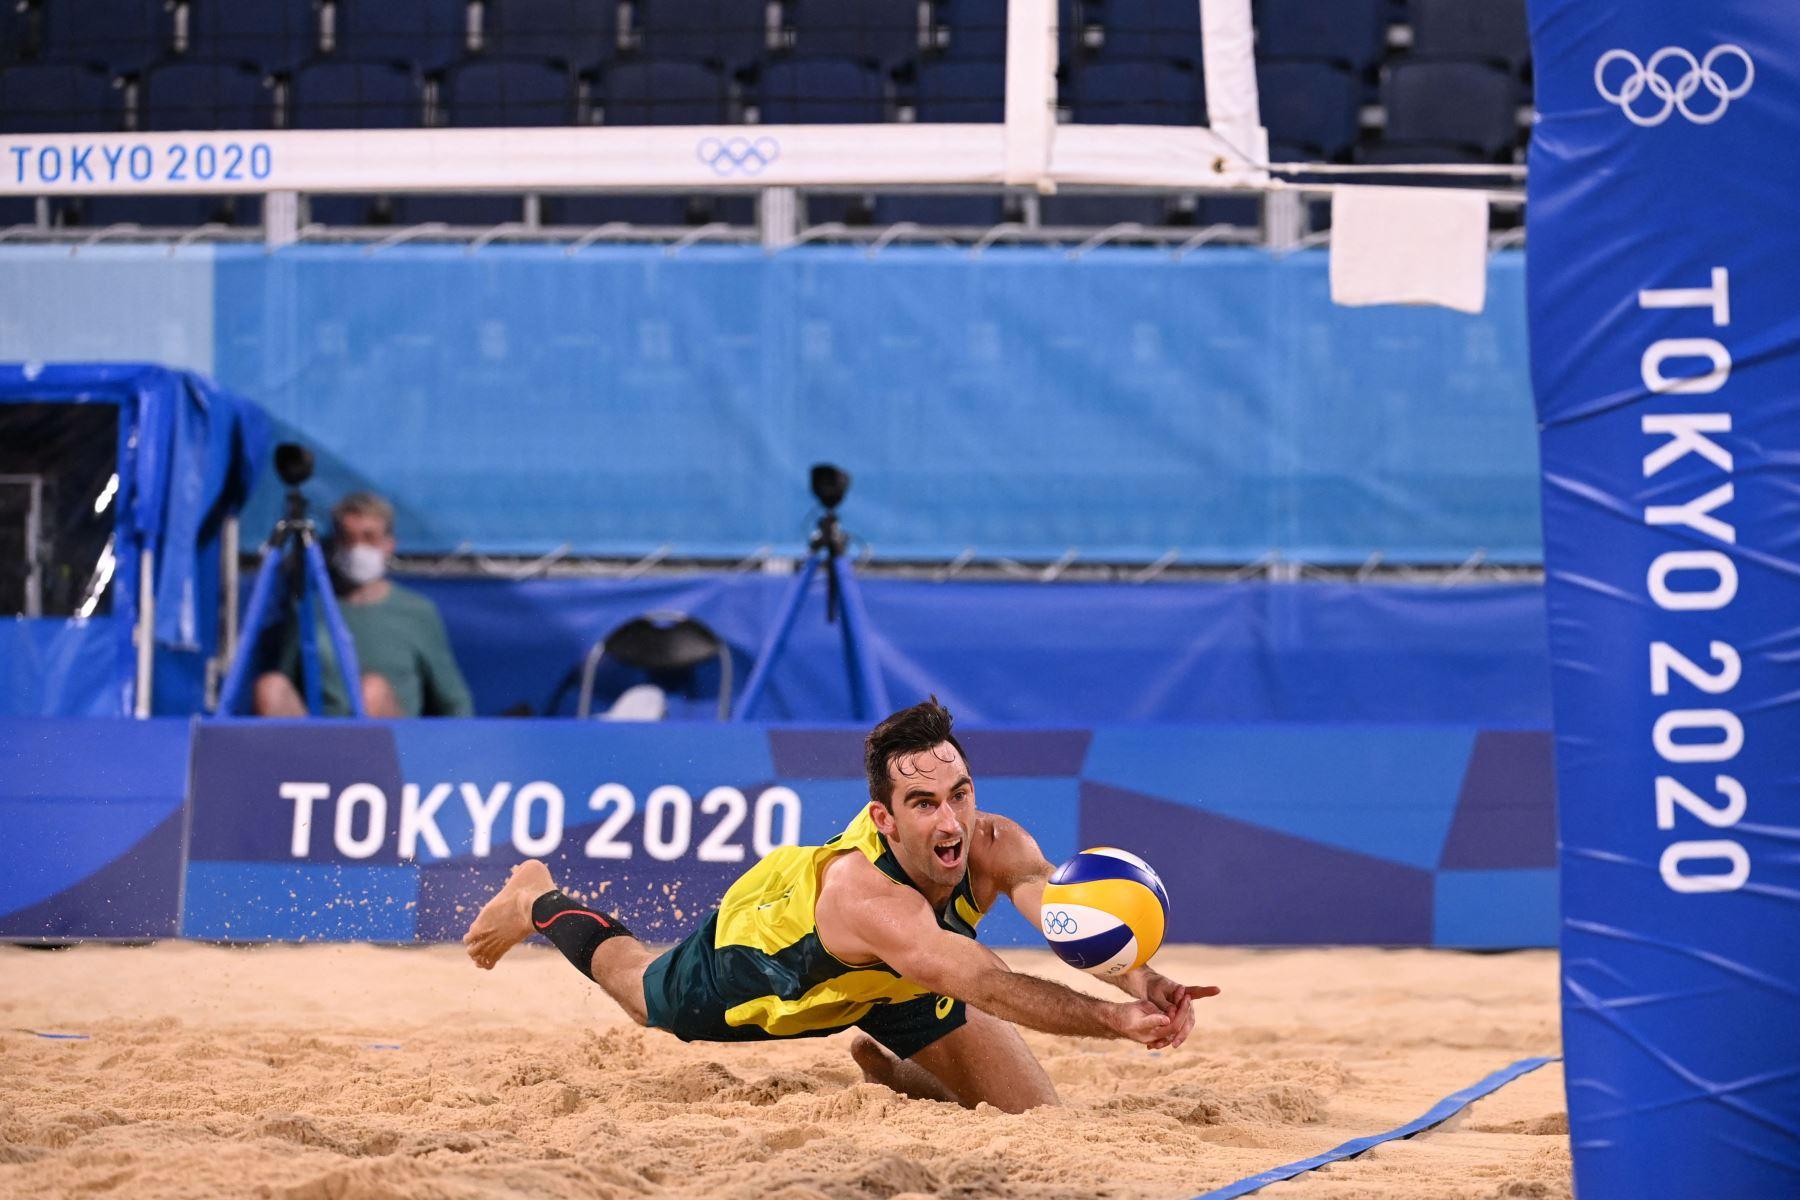 El australiano Damien Schumann se lanza a por el balón en el grupo preliminar de voleibol de playa masculino Un partido entre Noruega y Australia durante los Juegos Olímpicos de Tokio 2020 en el Parque Shiokaze de Tokio. Foto: AFP